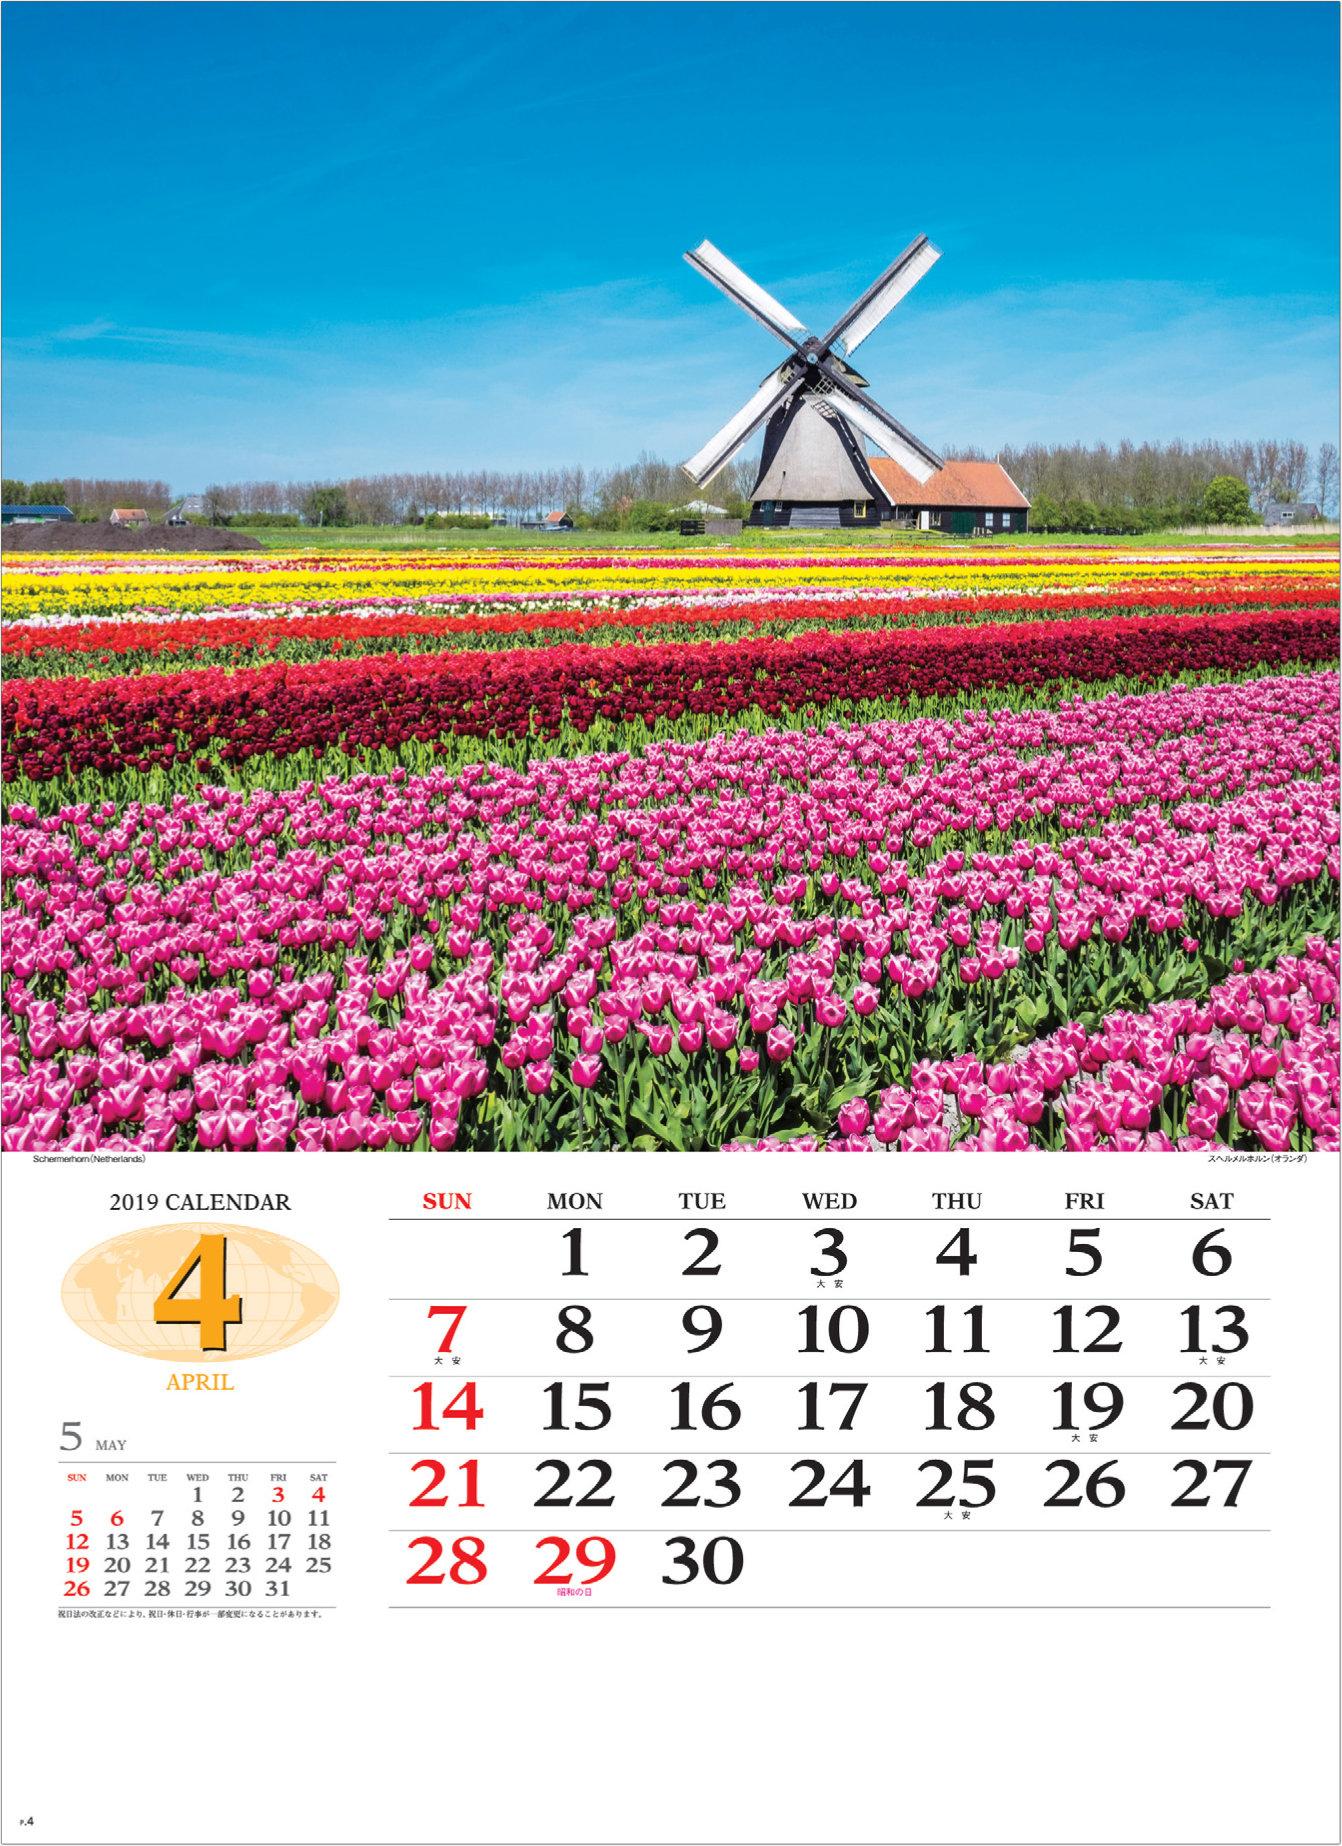 画像:オランダのスヘルメルホルンのチューリップ畑 世界の景観 2019年カレンダー